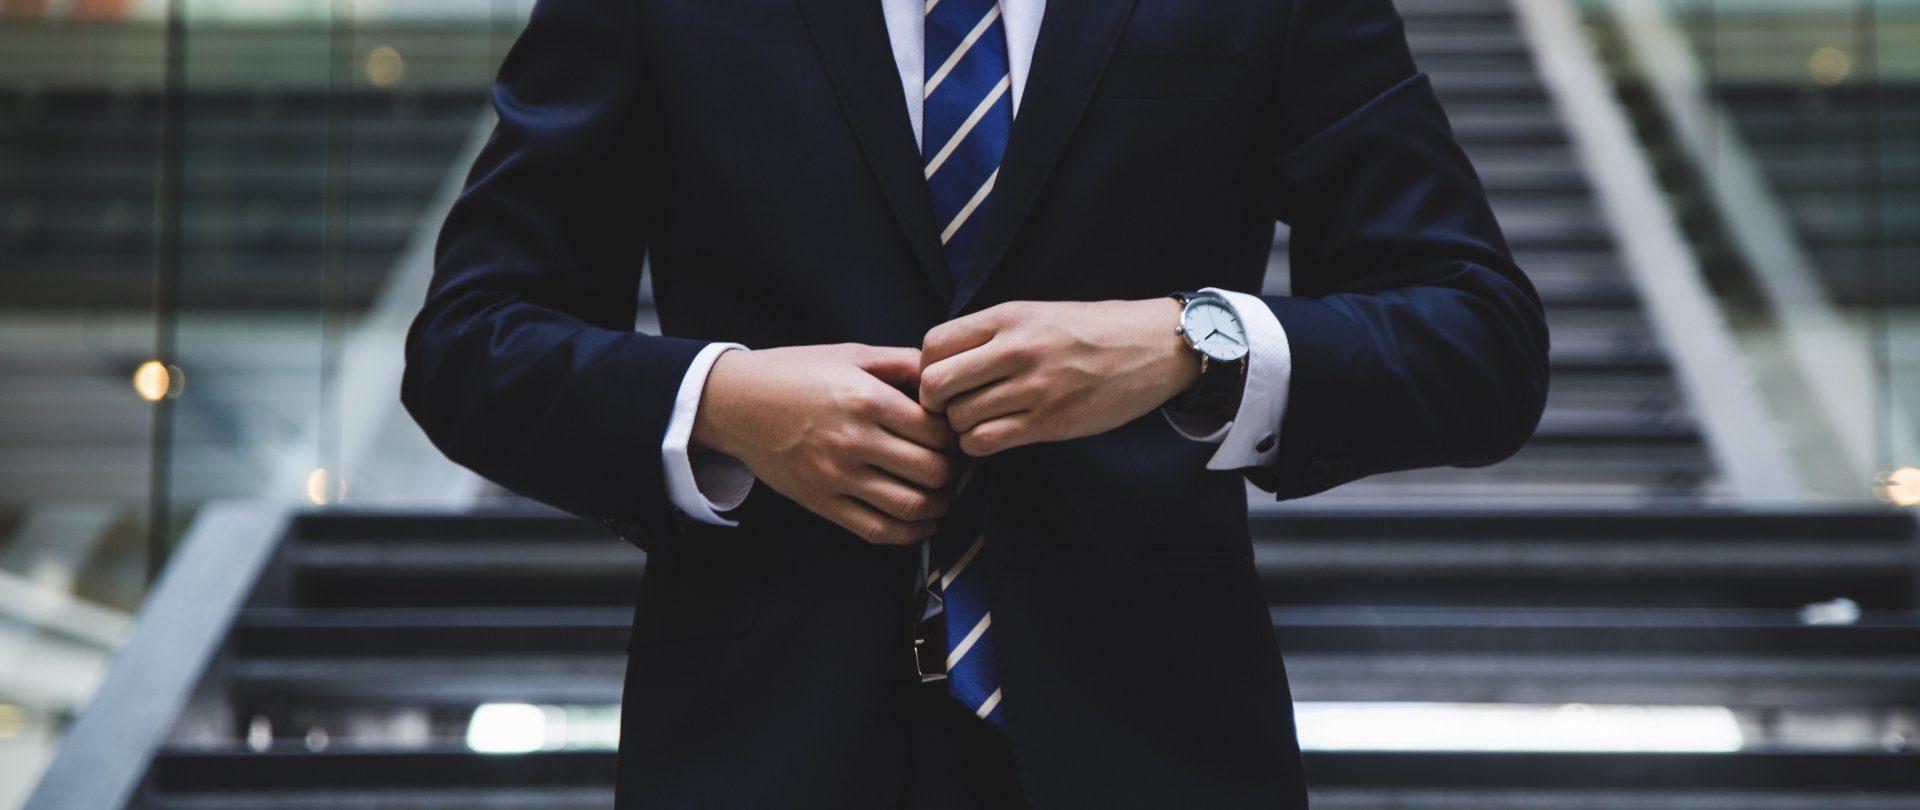 Integracje firmowe - dlaczego warto?